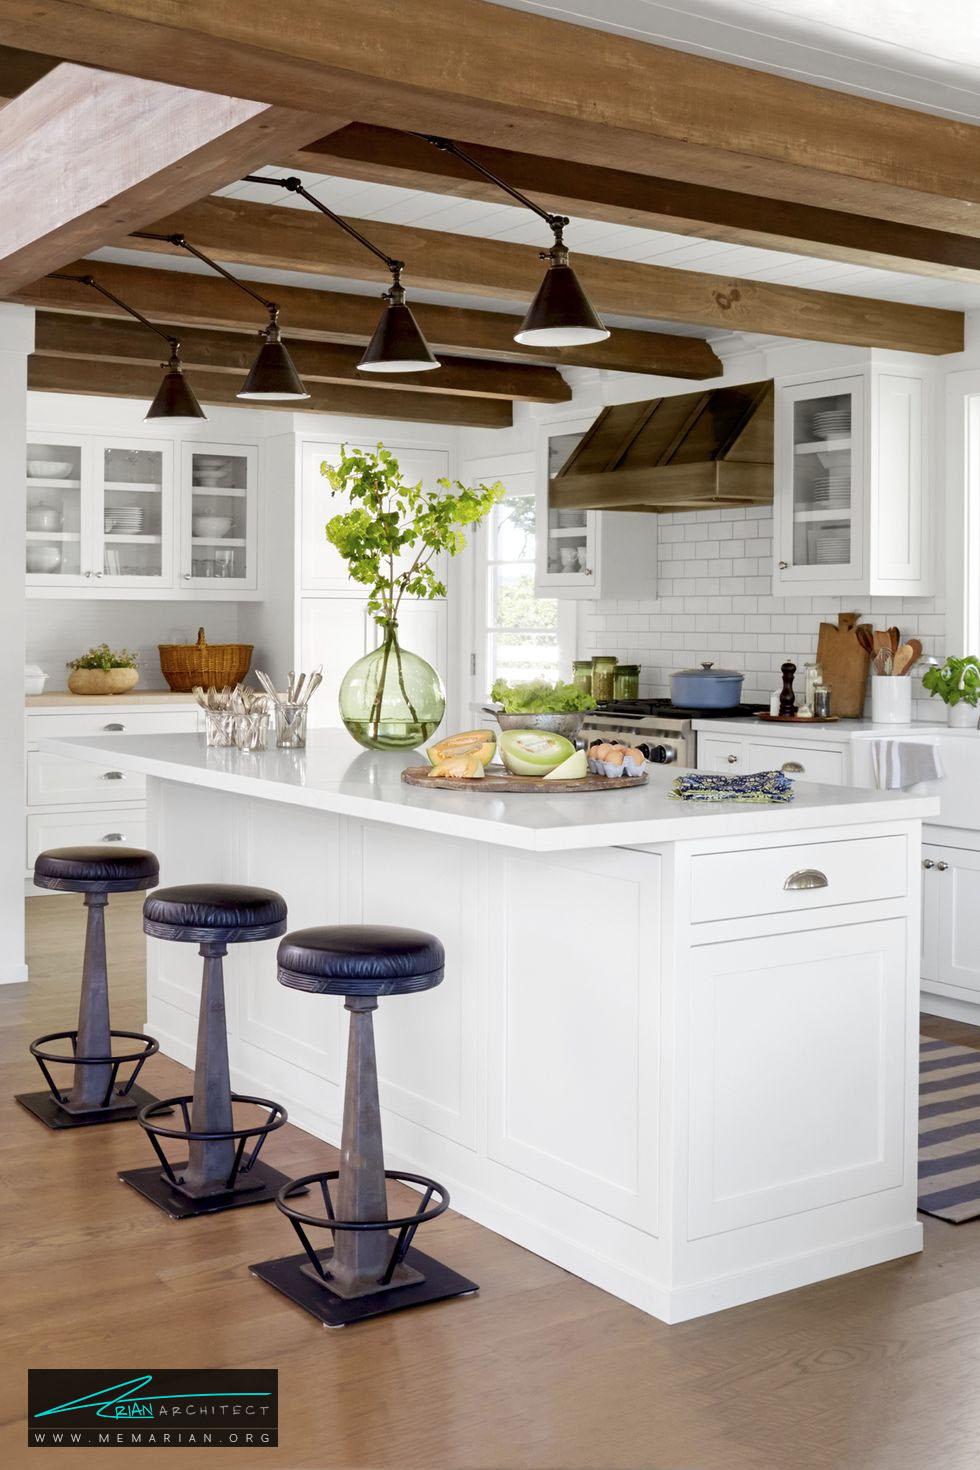 صفحات میز ضدخش و بادوام - 20 ایده جذاب برای دکوراسیون آشپزخانه